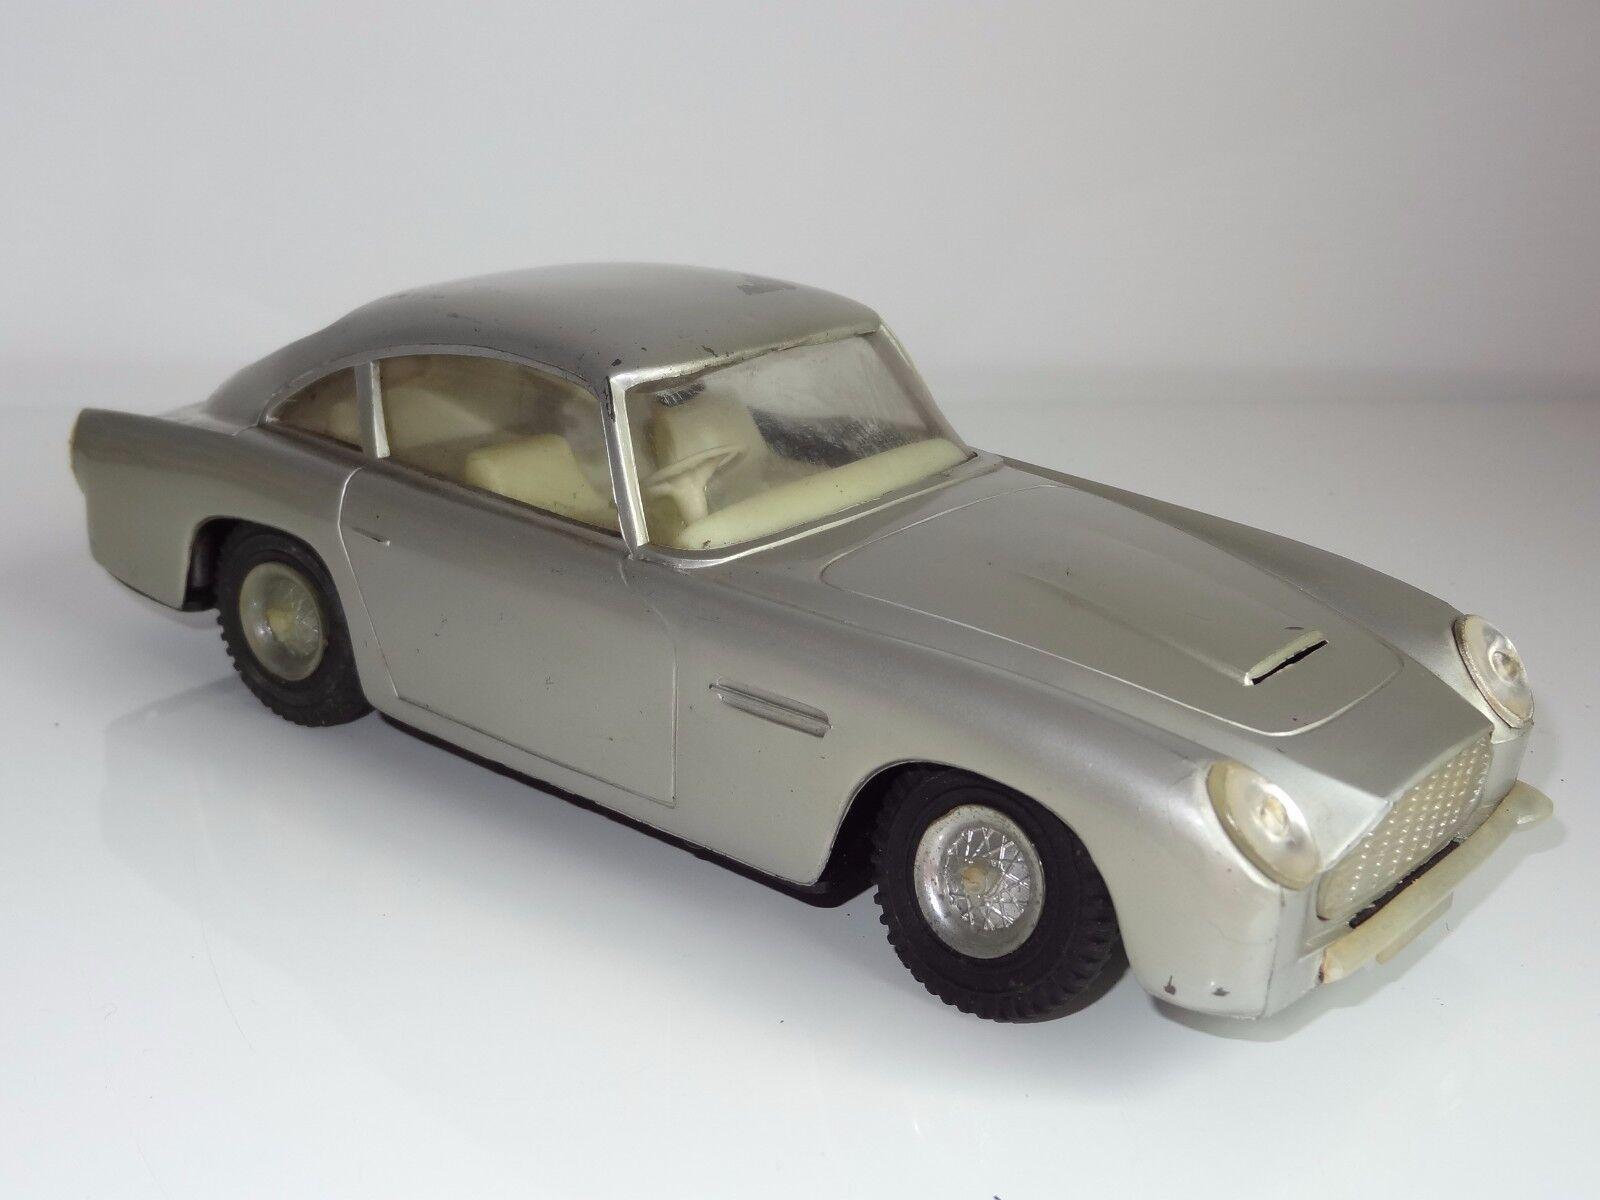 moda clasica  (C) Lucky Tat juguetes de plástico de de de Hong Kong Aston Martin DB5 con motor  minoristas en línea